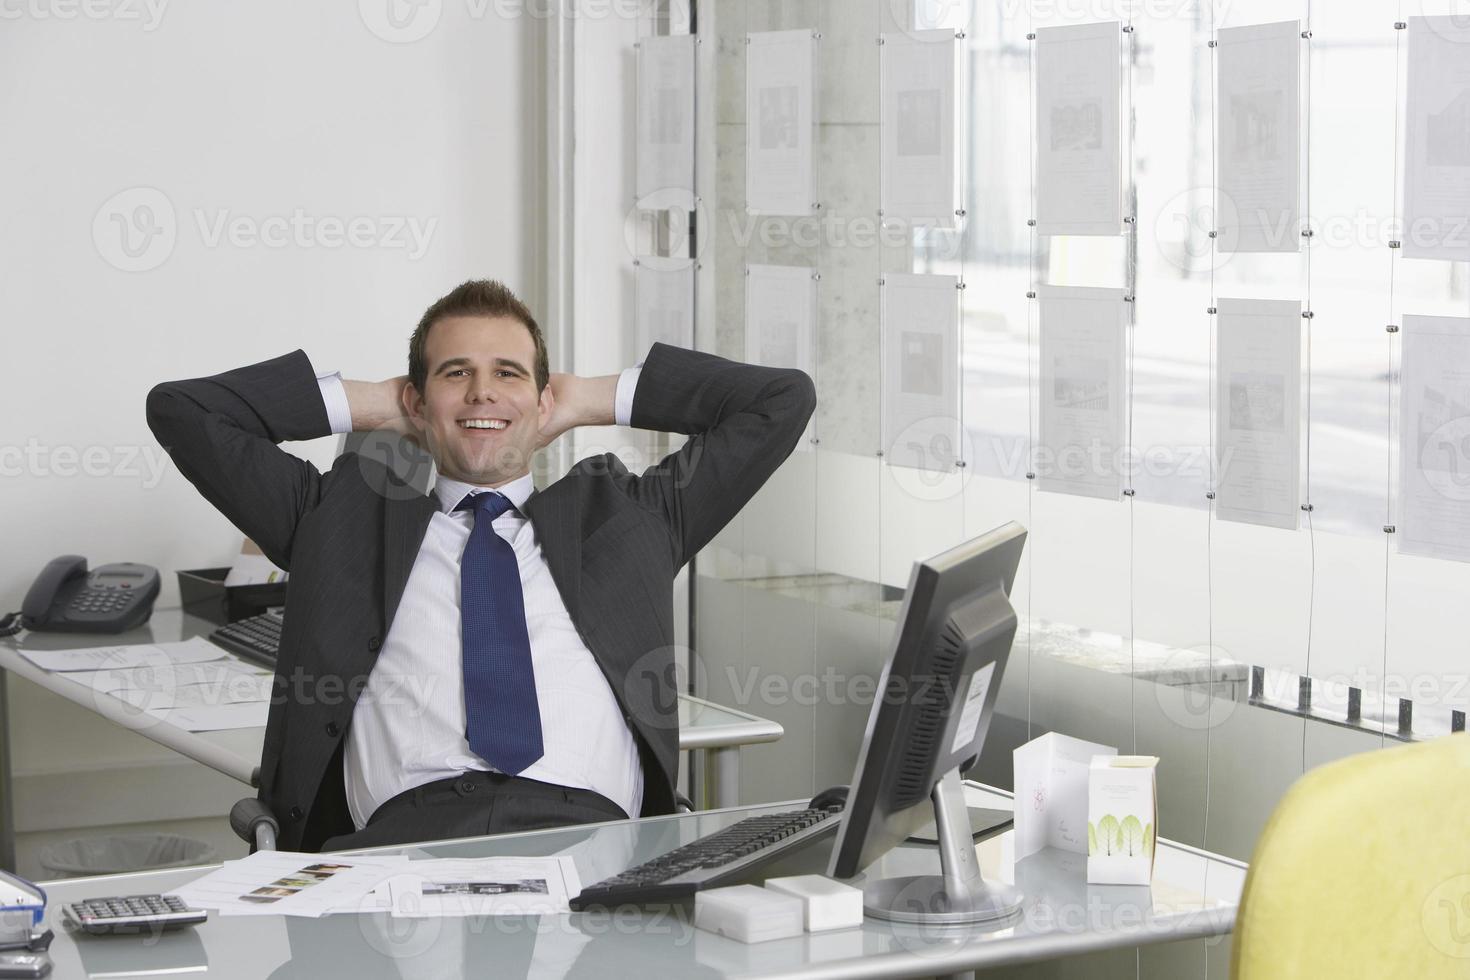 ontspannen zakenman zit aan balie in kantoor foto